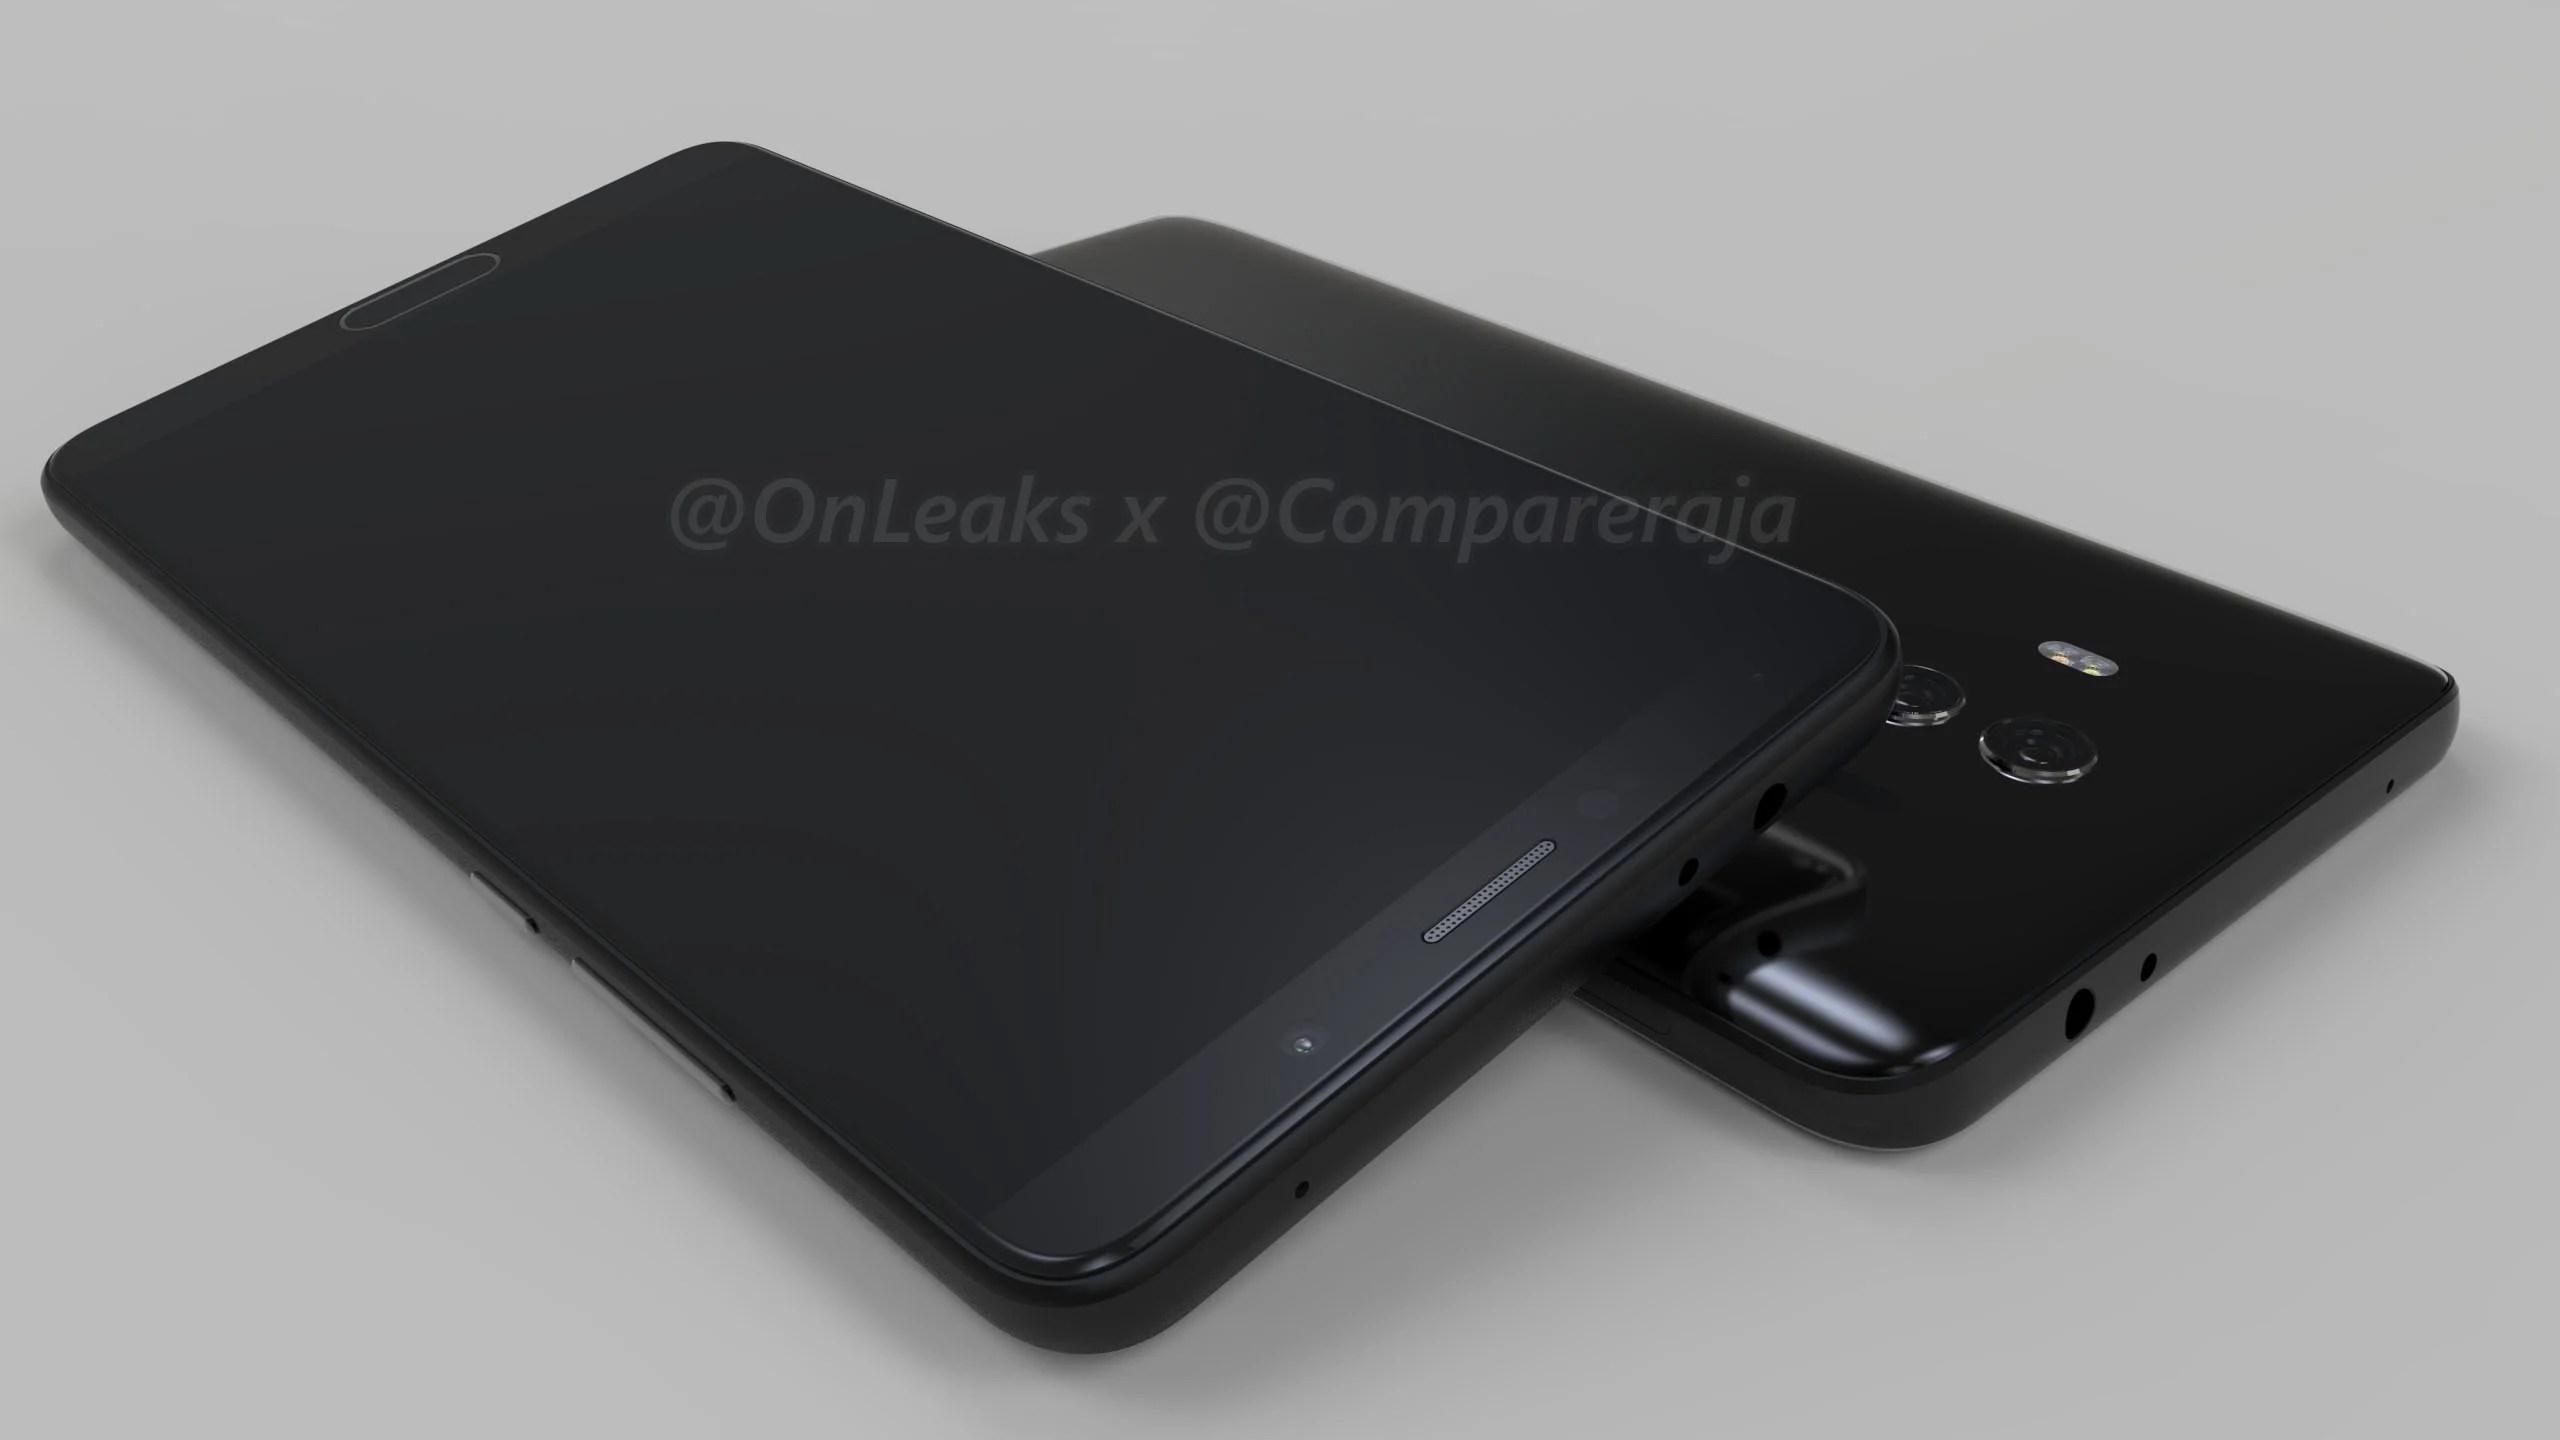 Huawei Mate 10 : les premières images révèlent certaines surprises